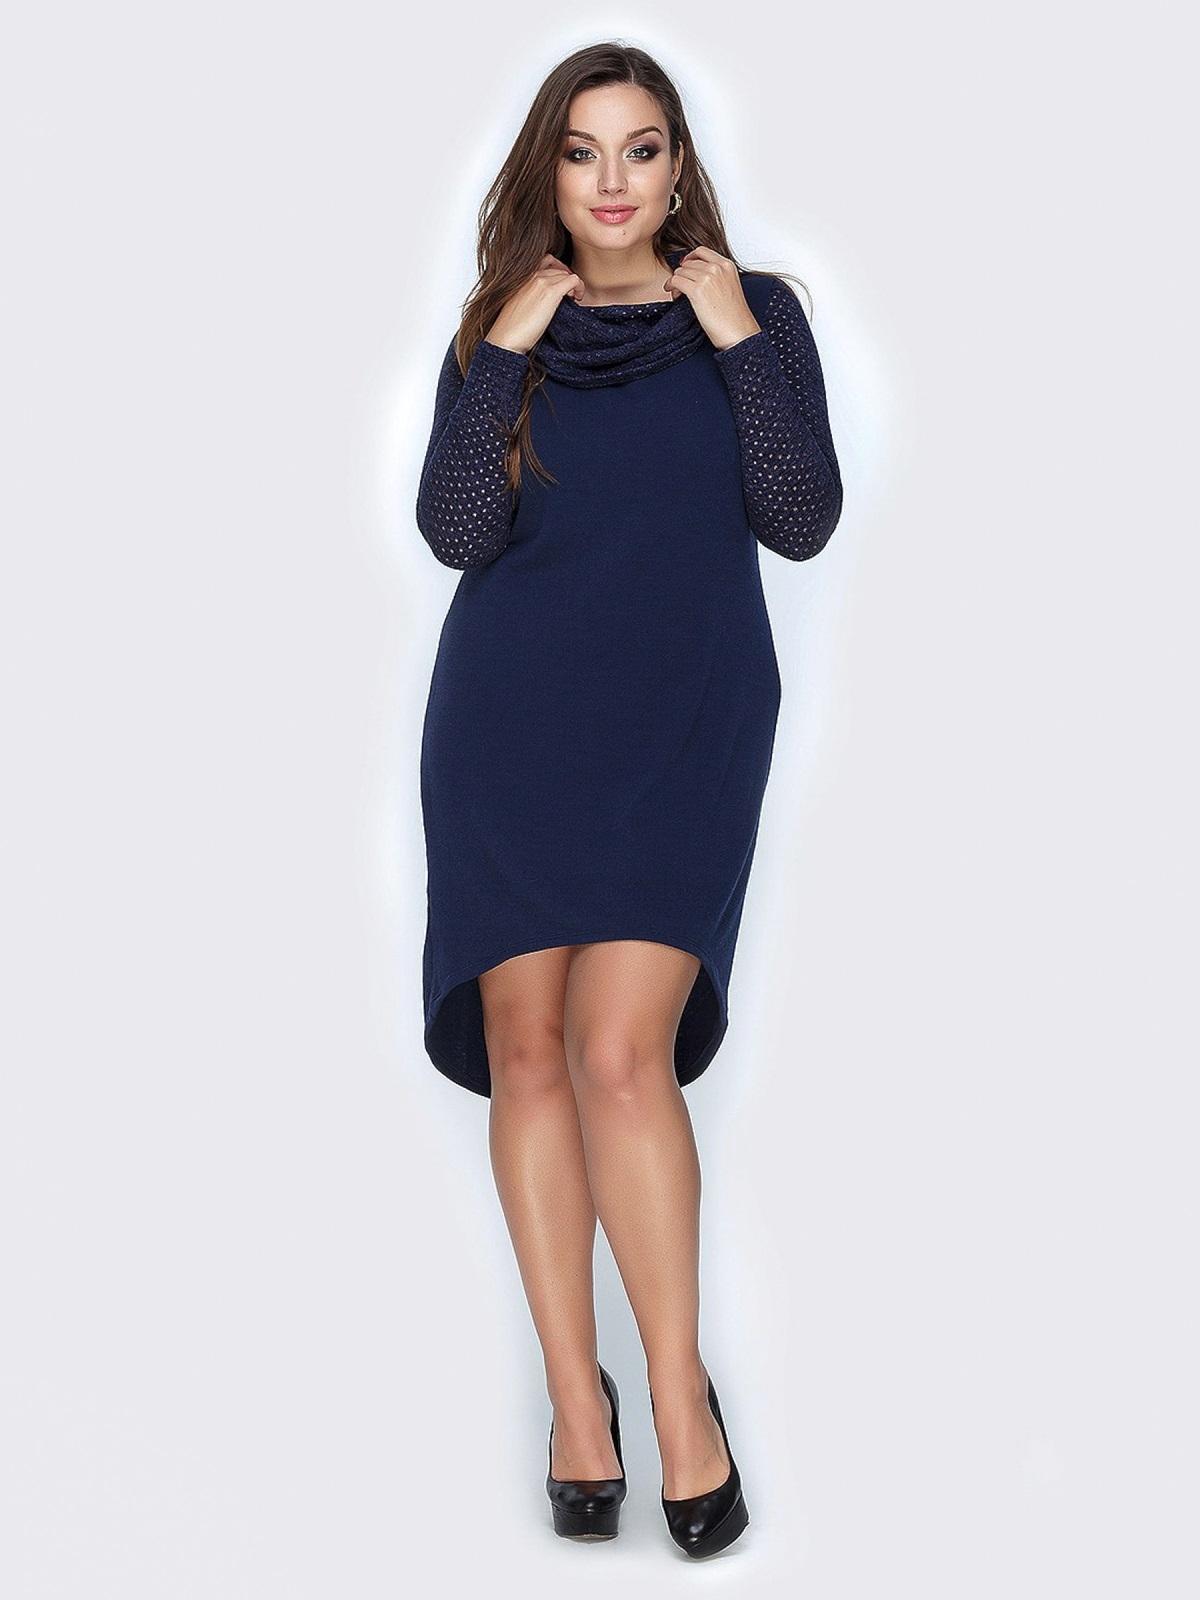 Тёмно-синее платье из ангоры с удлиненной спинкой - 19161, фото 1 – интернет-магазин Dressa